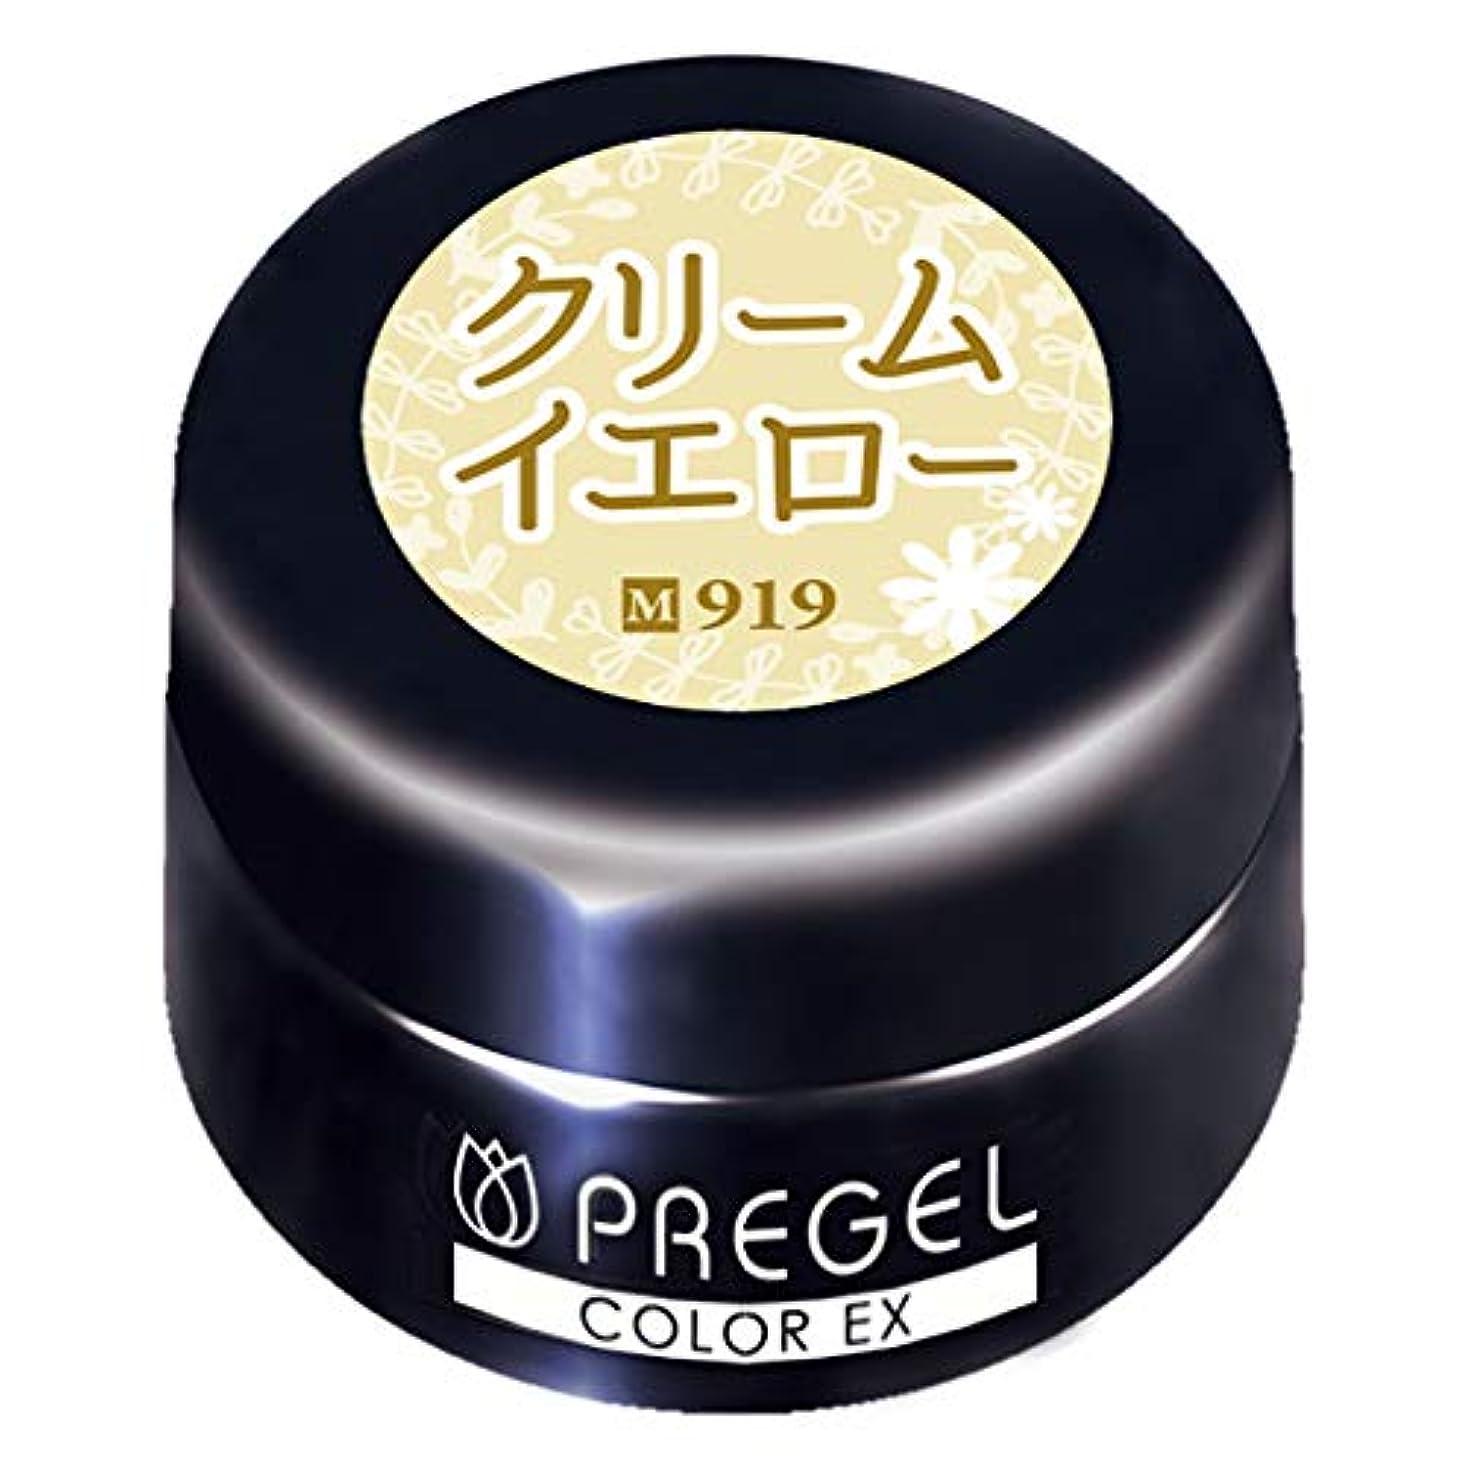 膨張する爵報告書PRE GEL カラーEX クリームイエロー919 3g PG-CE919 UV/LED対応